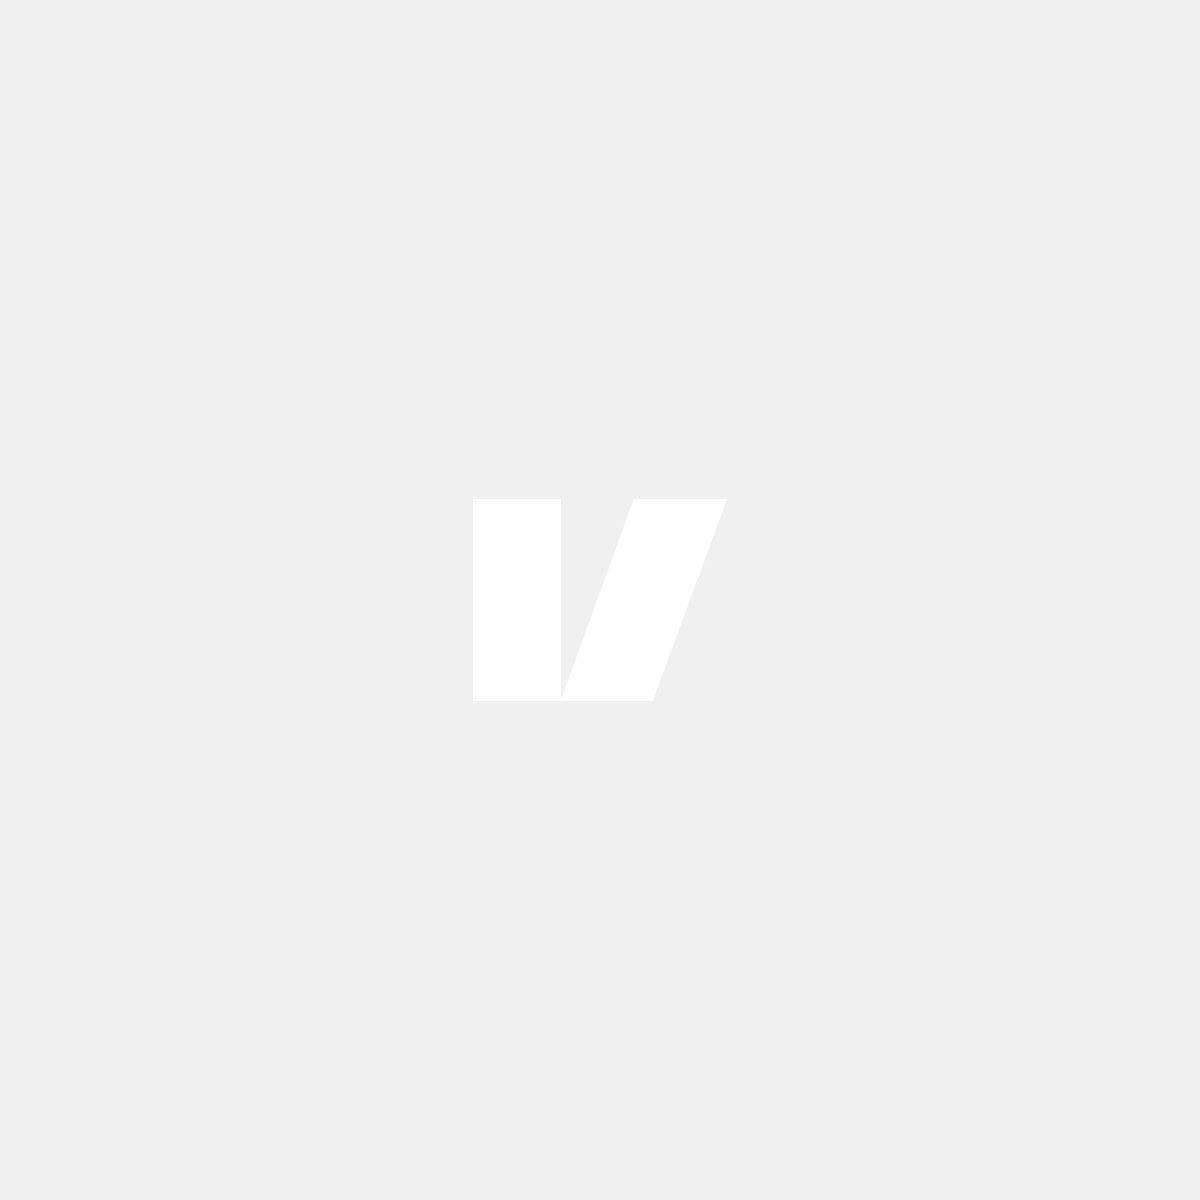 Lyktglas klarglas till Volvo S60, V70, XC70 00-04, passagerarsidan